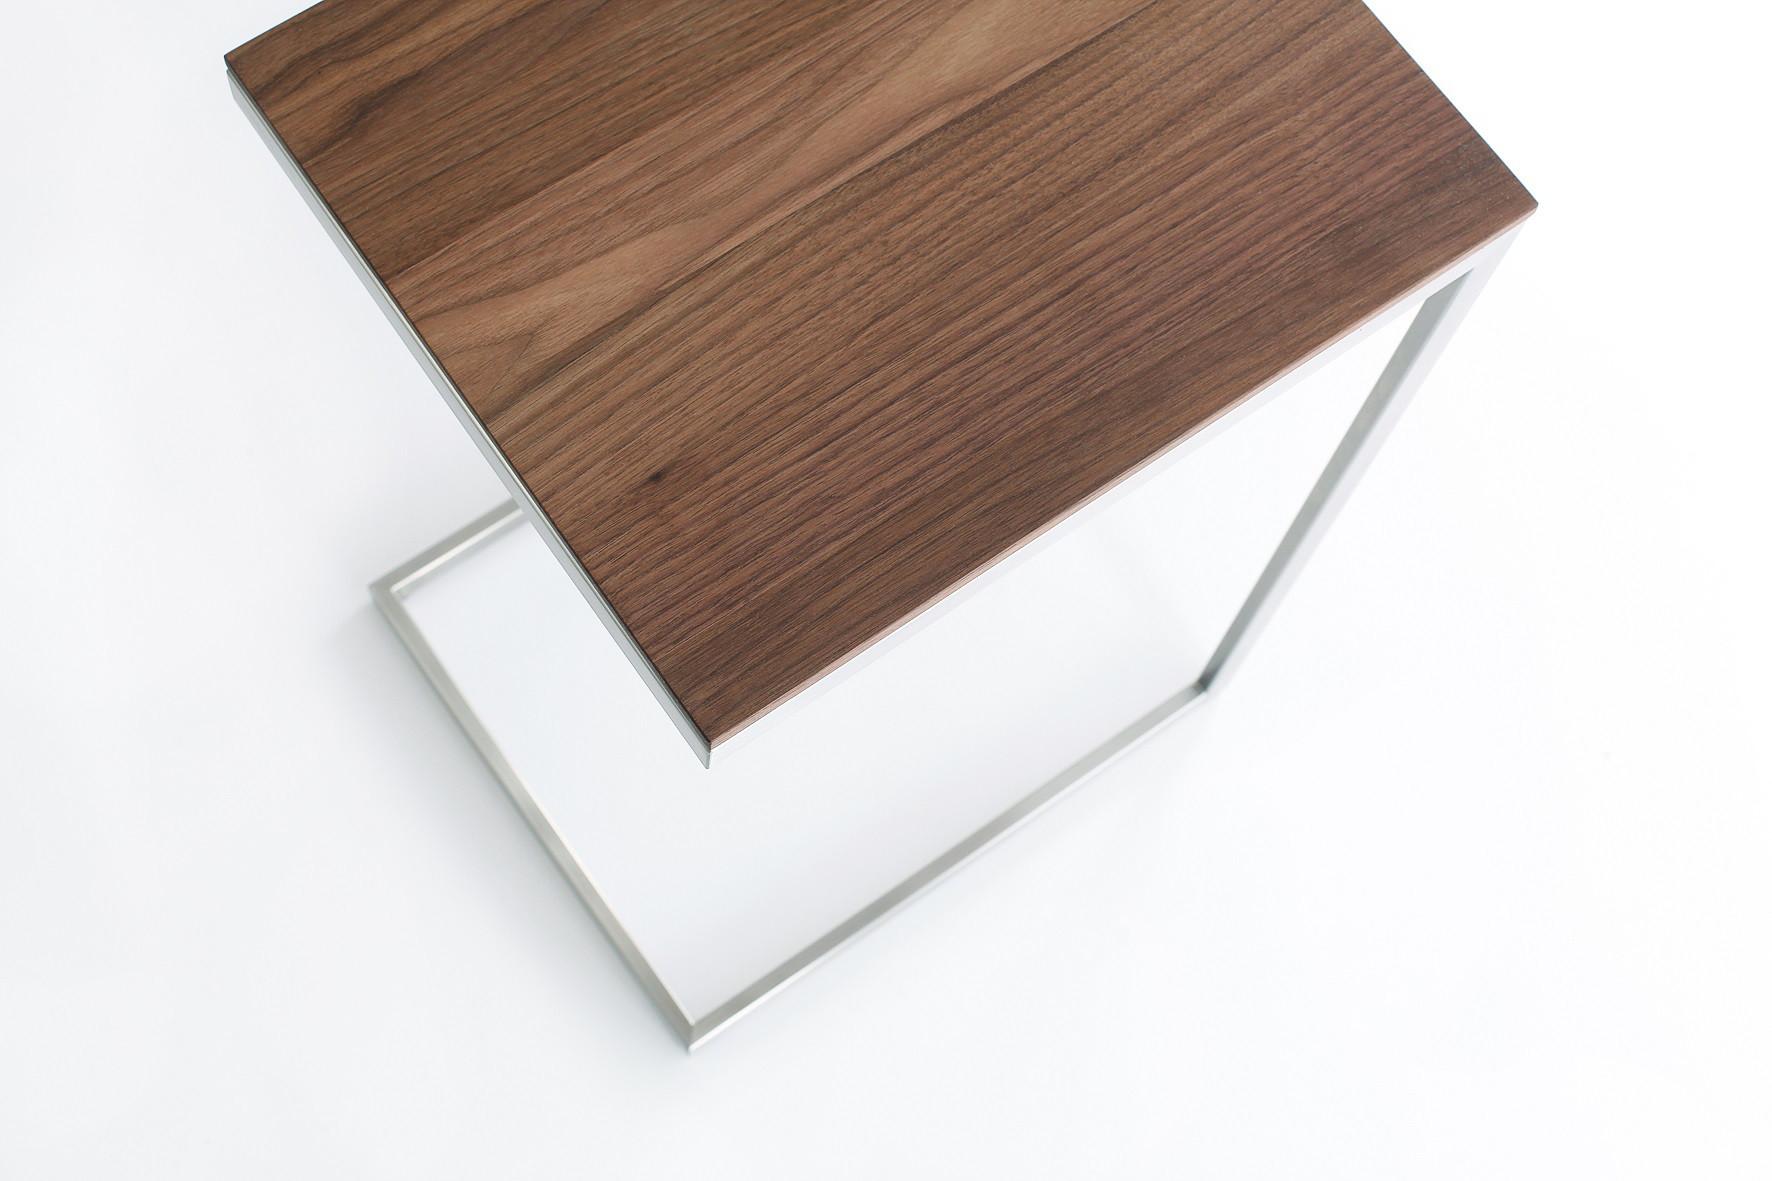 beistelltisch jano aus holz und metall goldau noelle. Black Bedroom Furniture Sets. Home Design Ideas